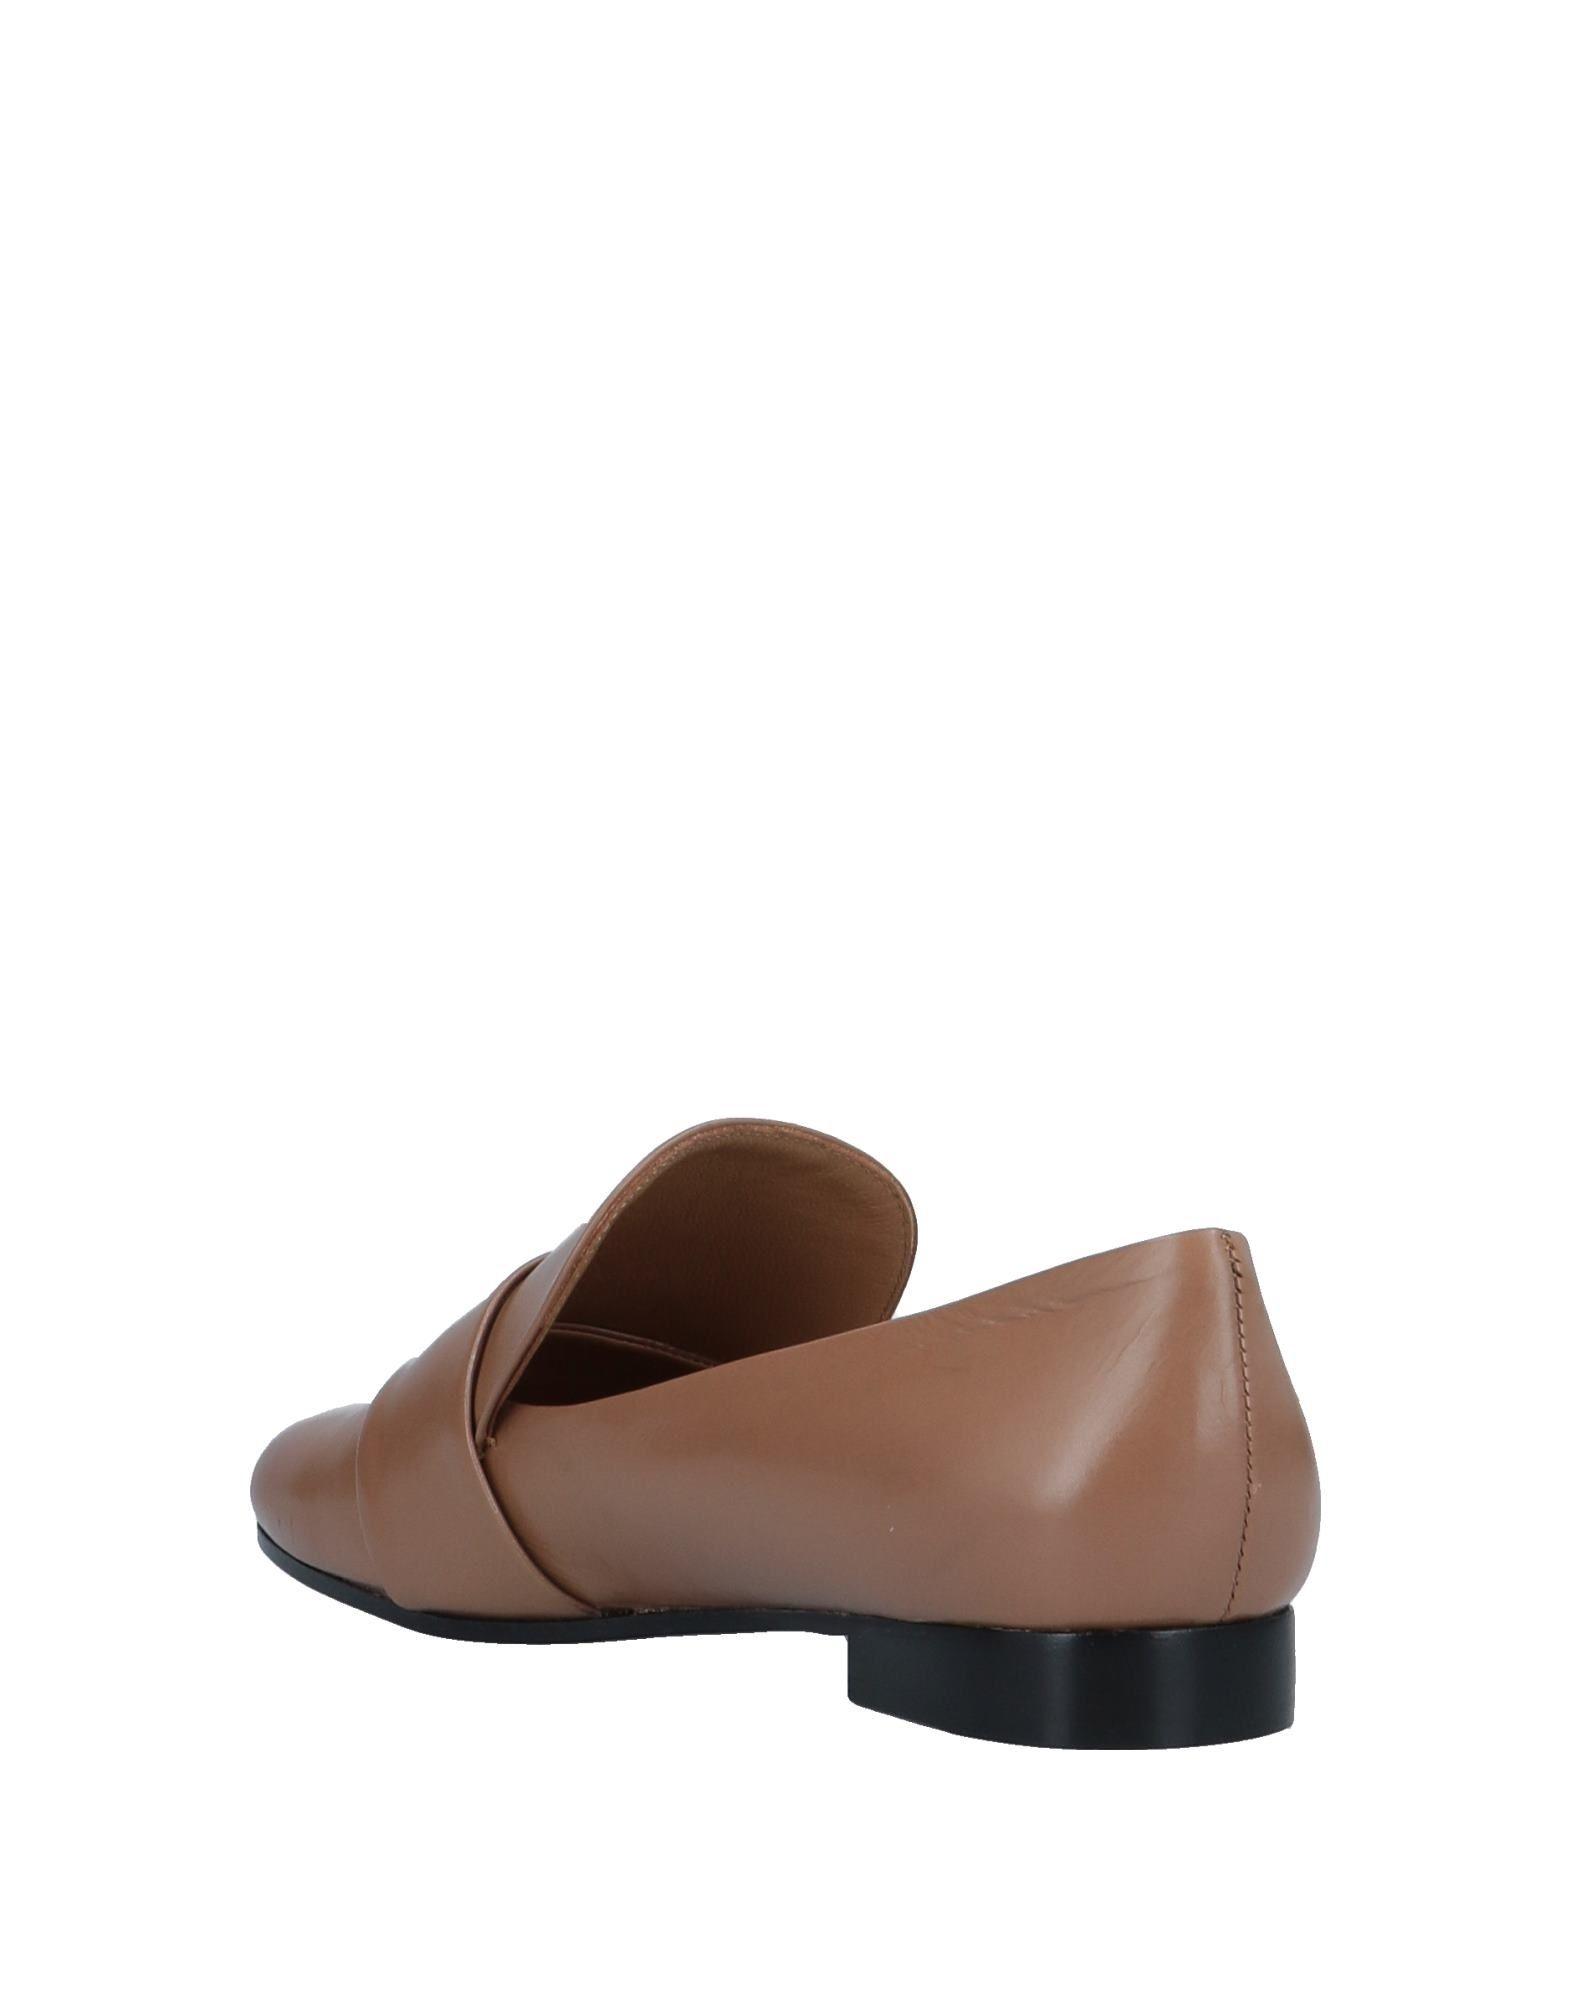 Gut Mokassins um billige Schuhe zu tragenRoberto Festa Mokassins Gut Damen  11521543PJ 5a7c96